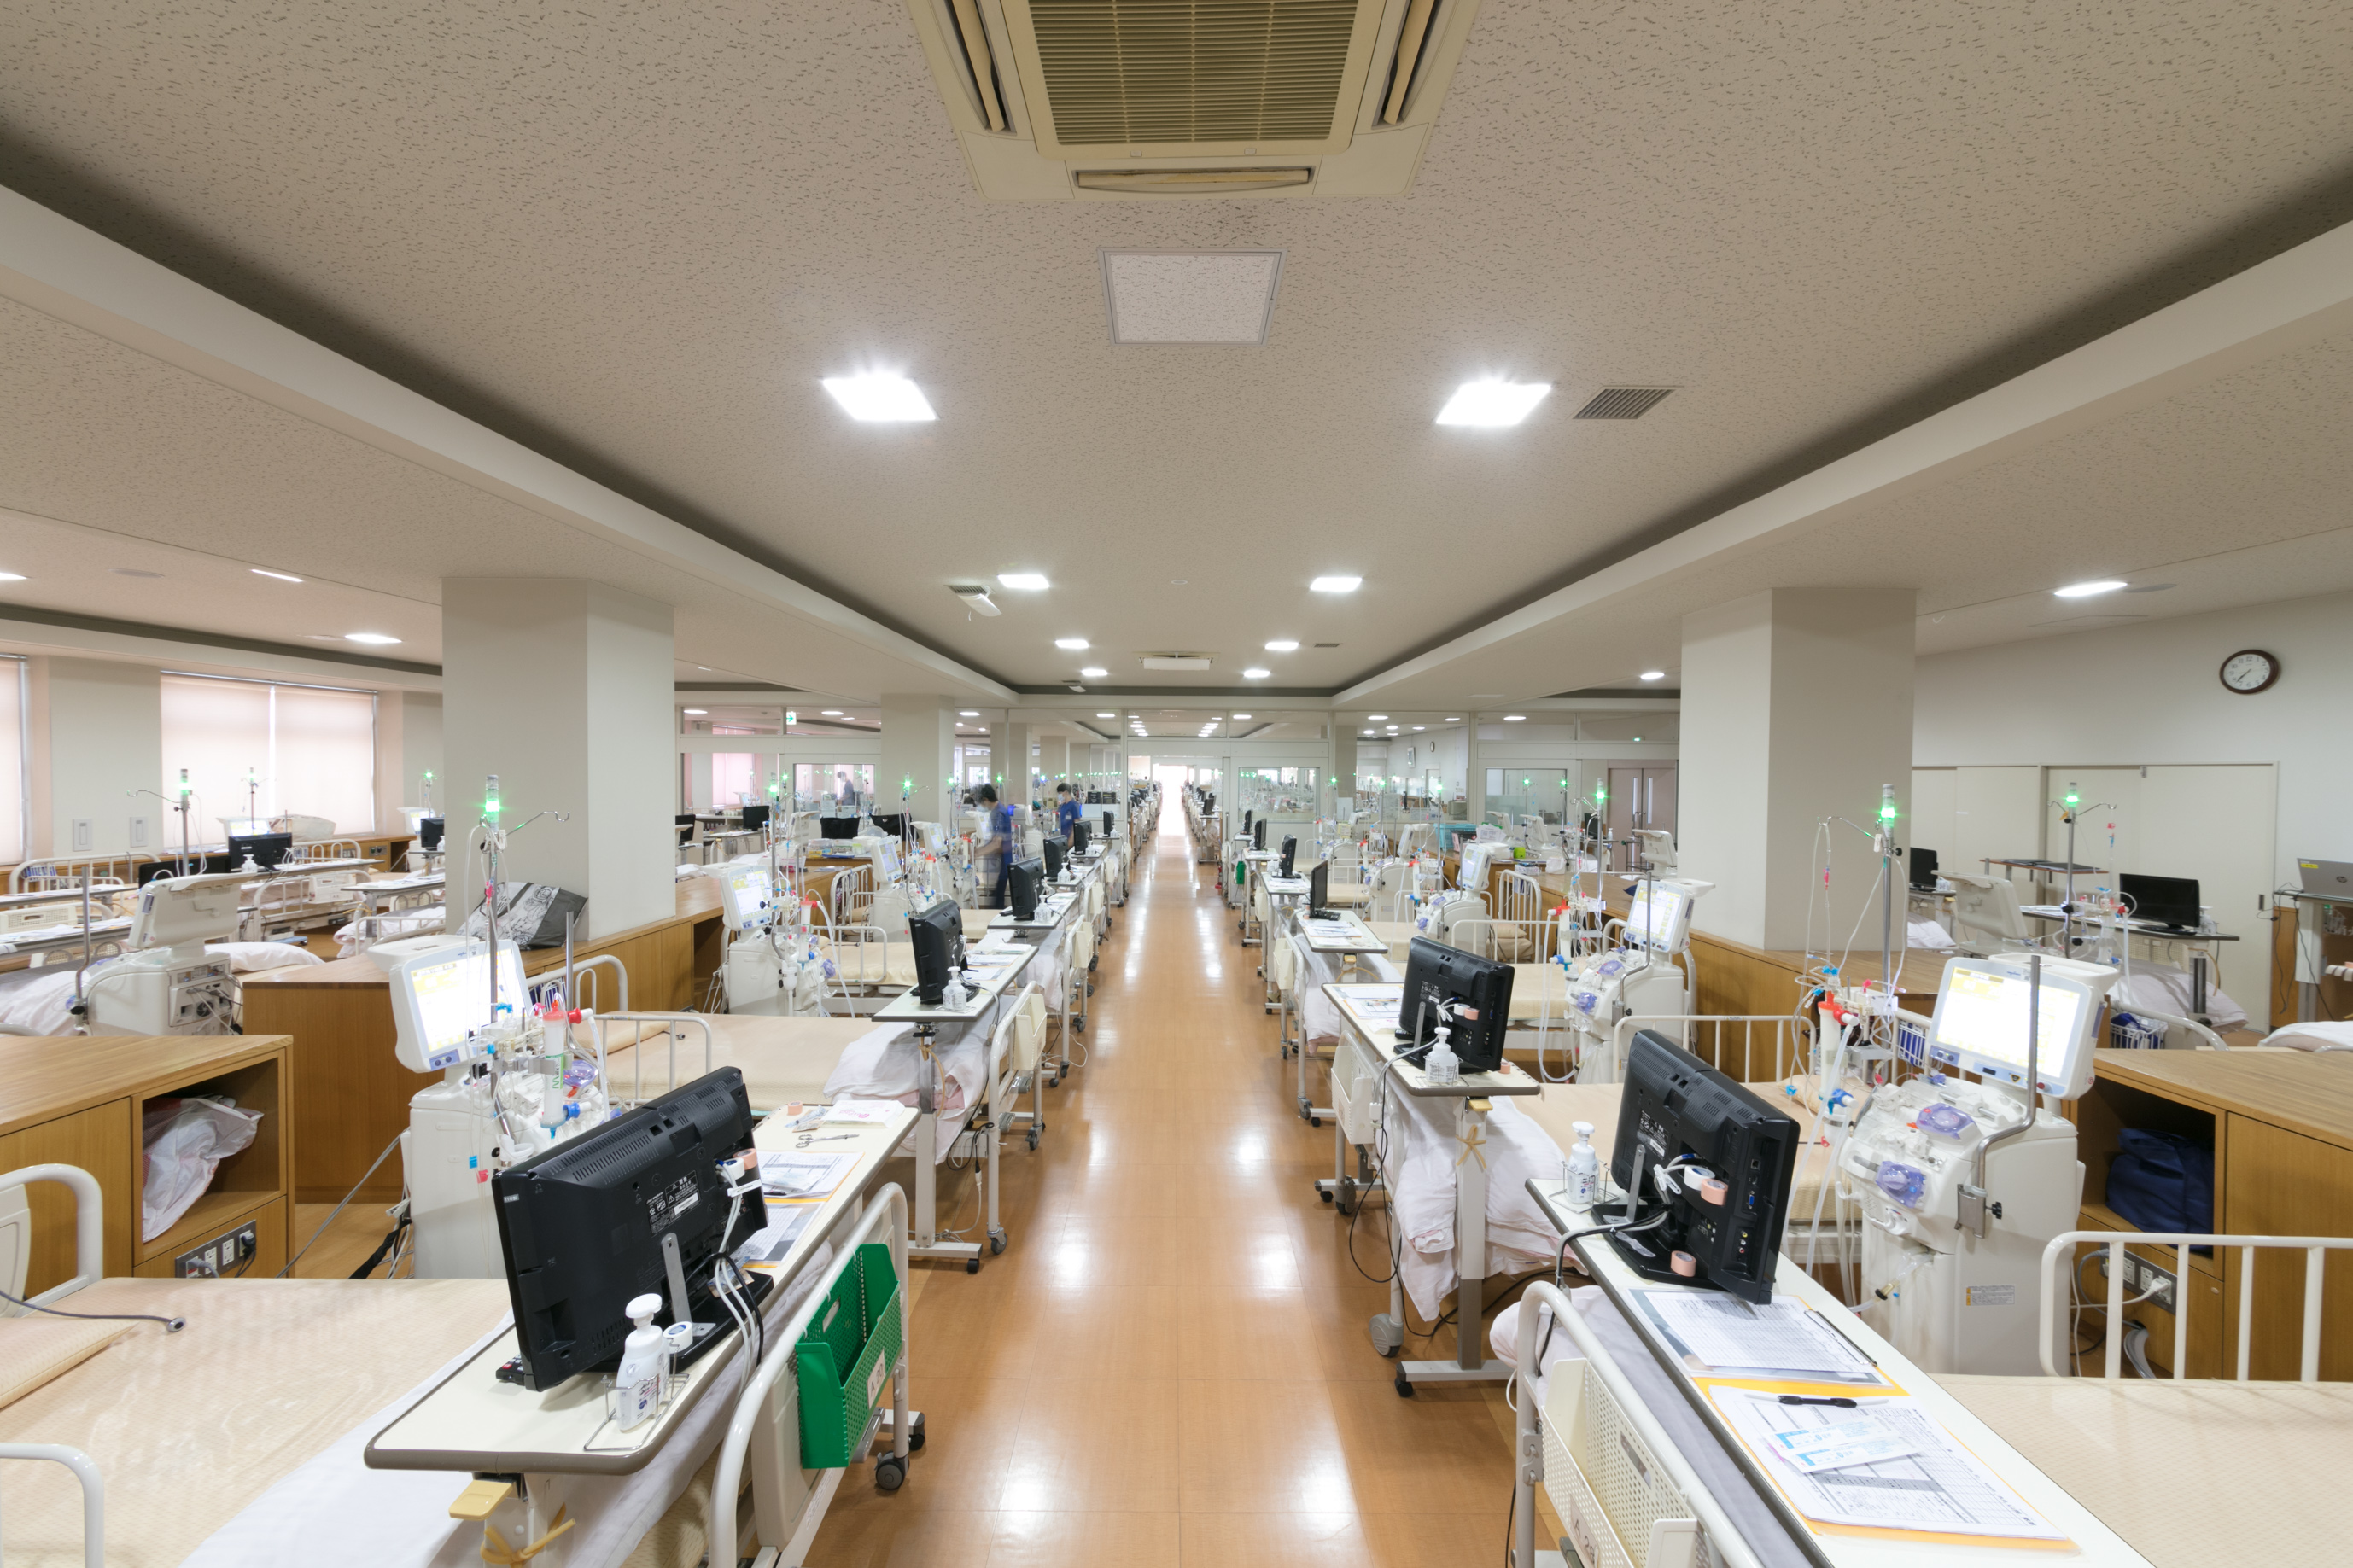 【正看護師(透析室)】子育て中の方などは勤務時間帯相談可◆人工透析治療に関わる医療技術をはじめ、泌尿器科専門の「腎の総合病院」